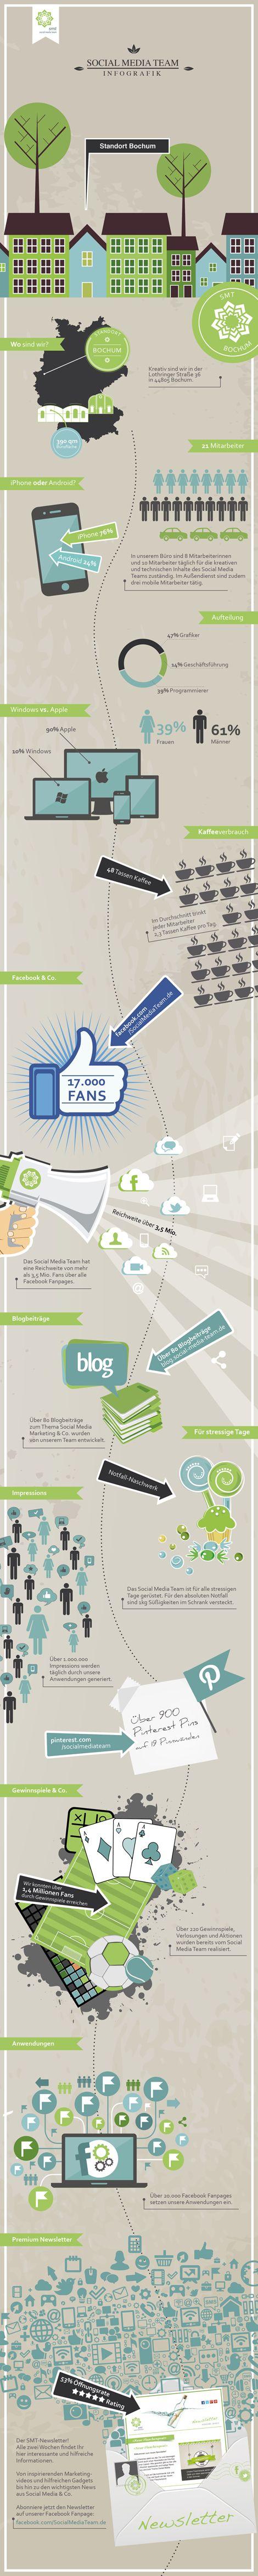 Gutes Beispiel, wie man eventuell für sich eine Infographik, um sich selber zu präsentieren